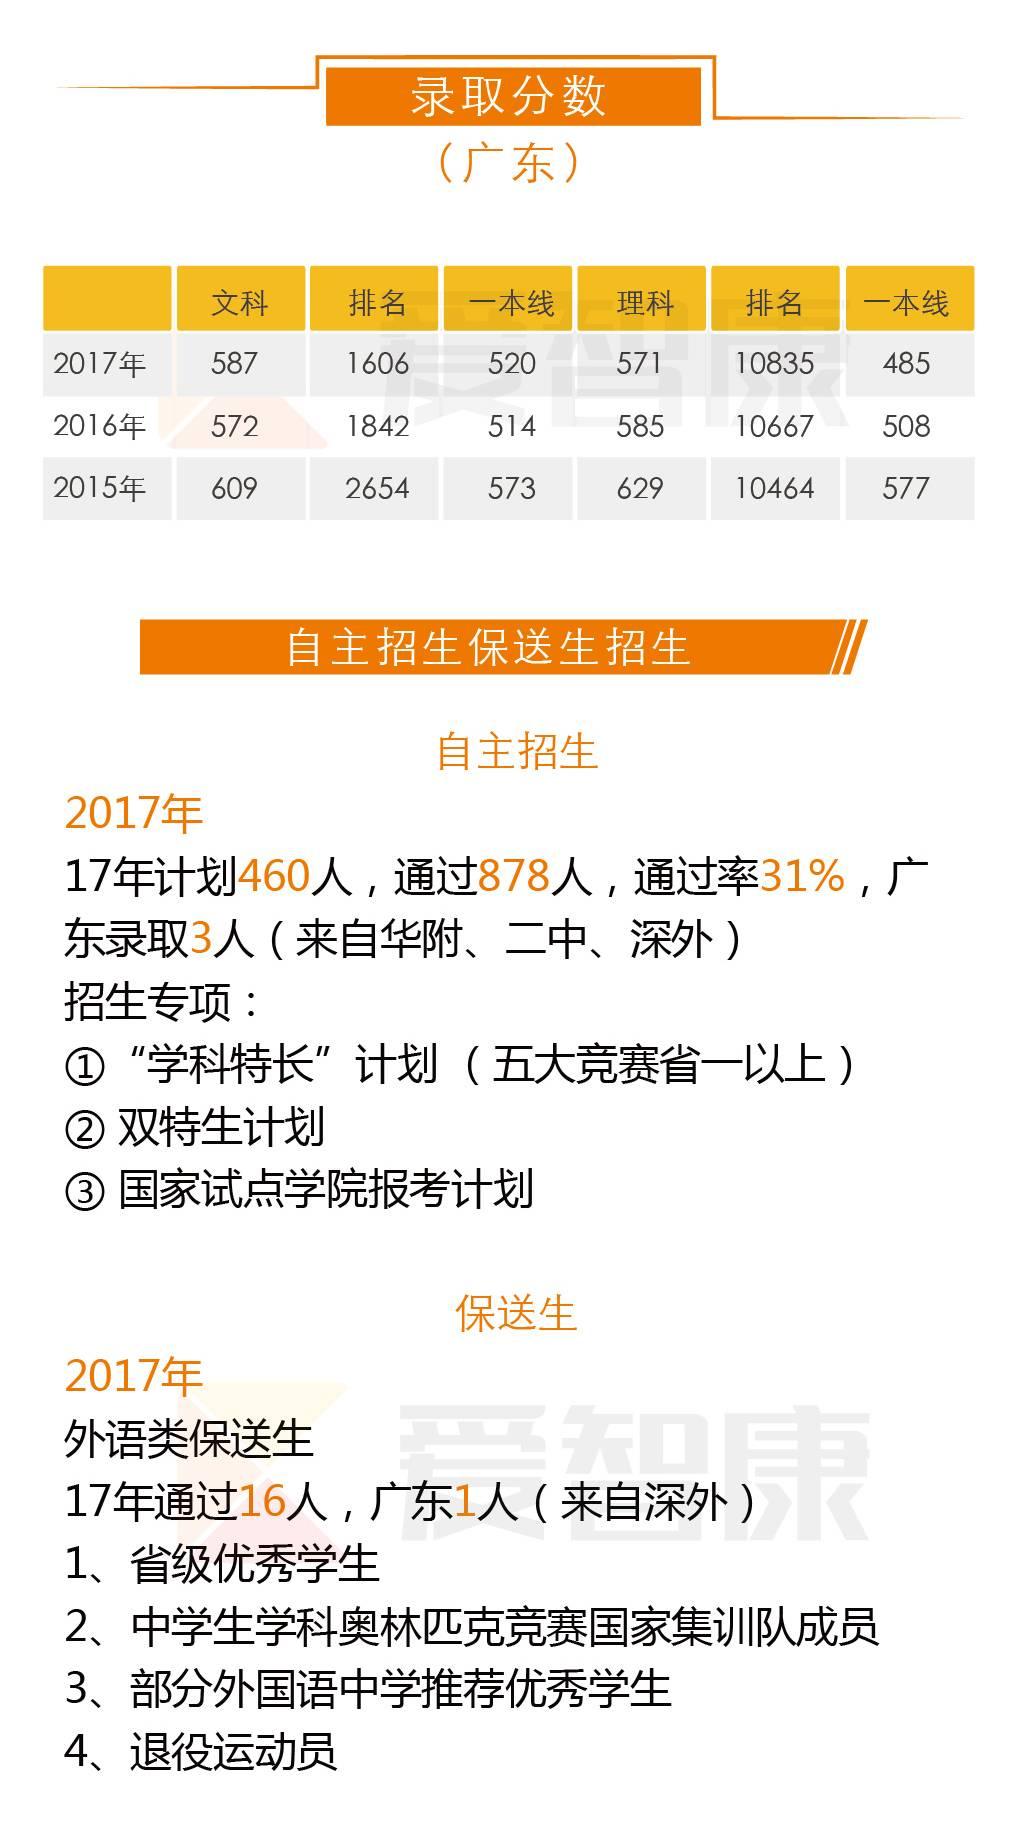 四川大学录取分数线及自主招生保送生招生